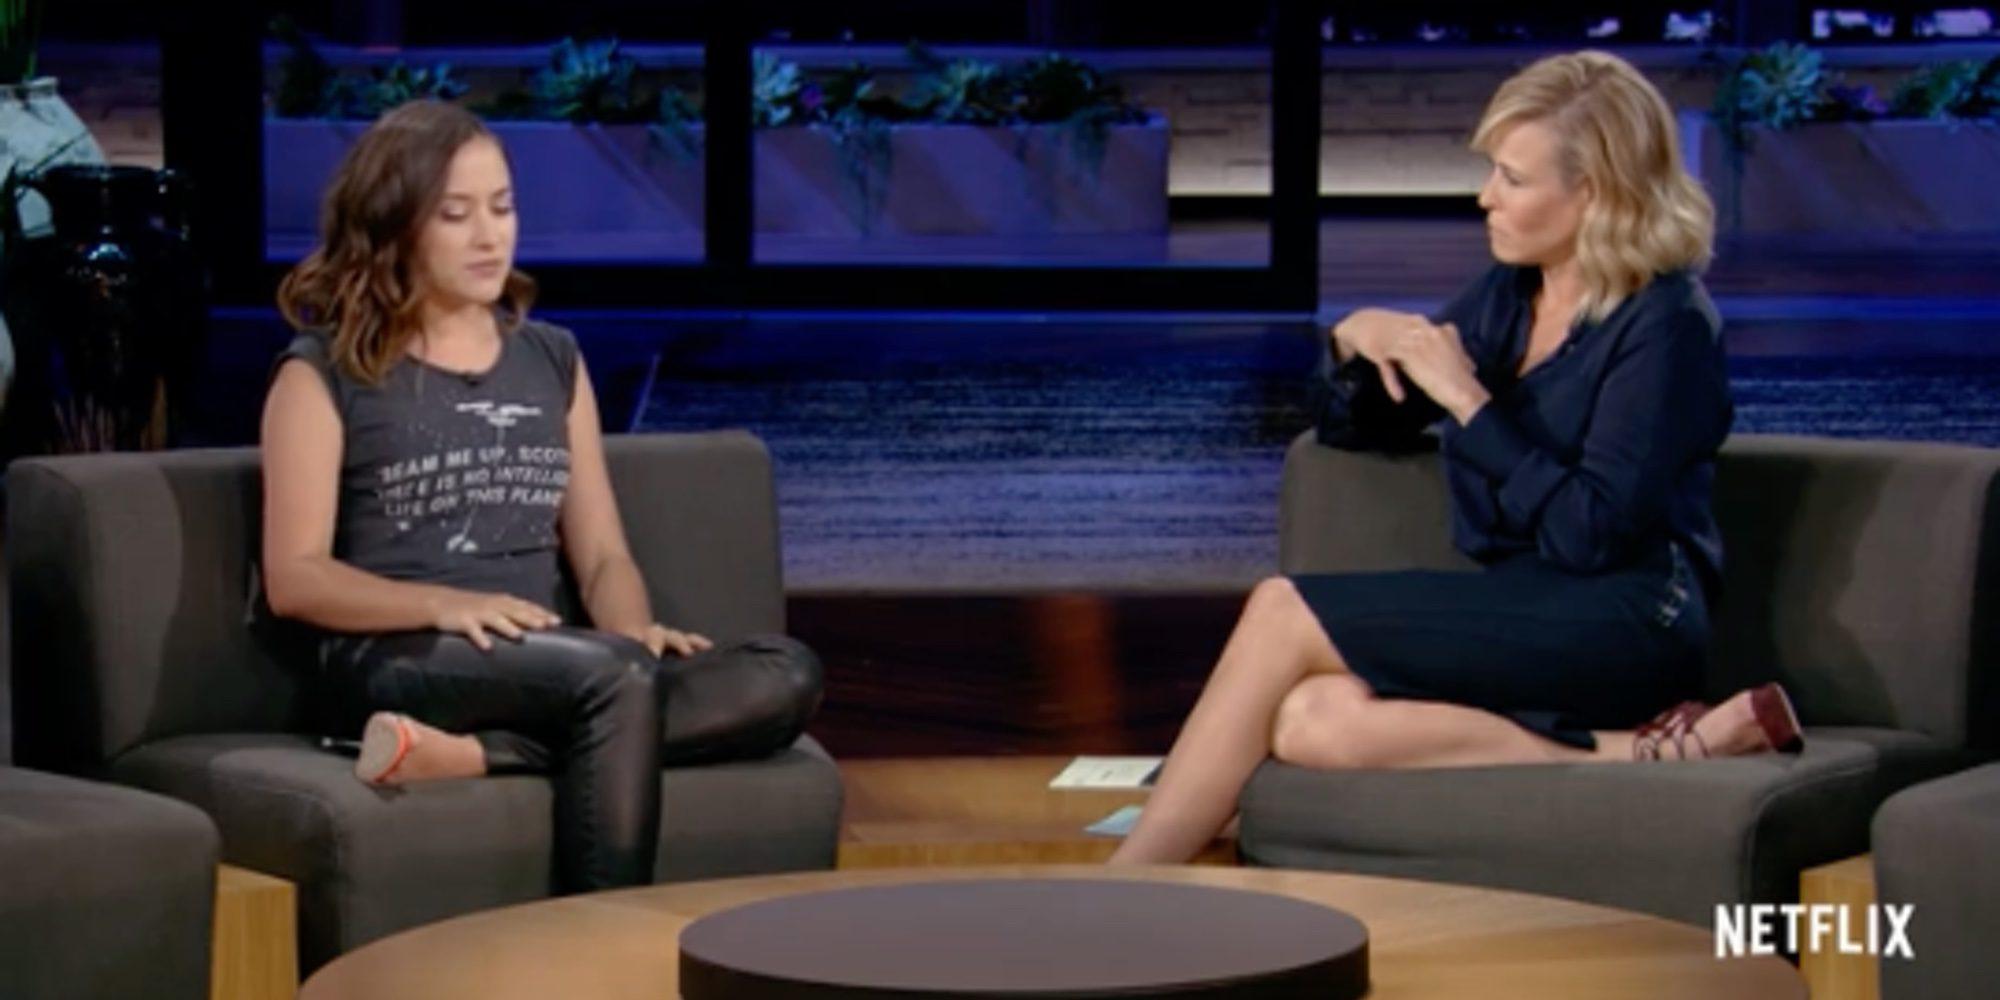 Zelda Williams habla sobre cómo se sintió tras la muerte de su padre Robin Williams